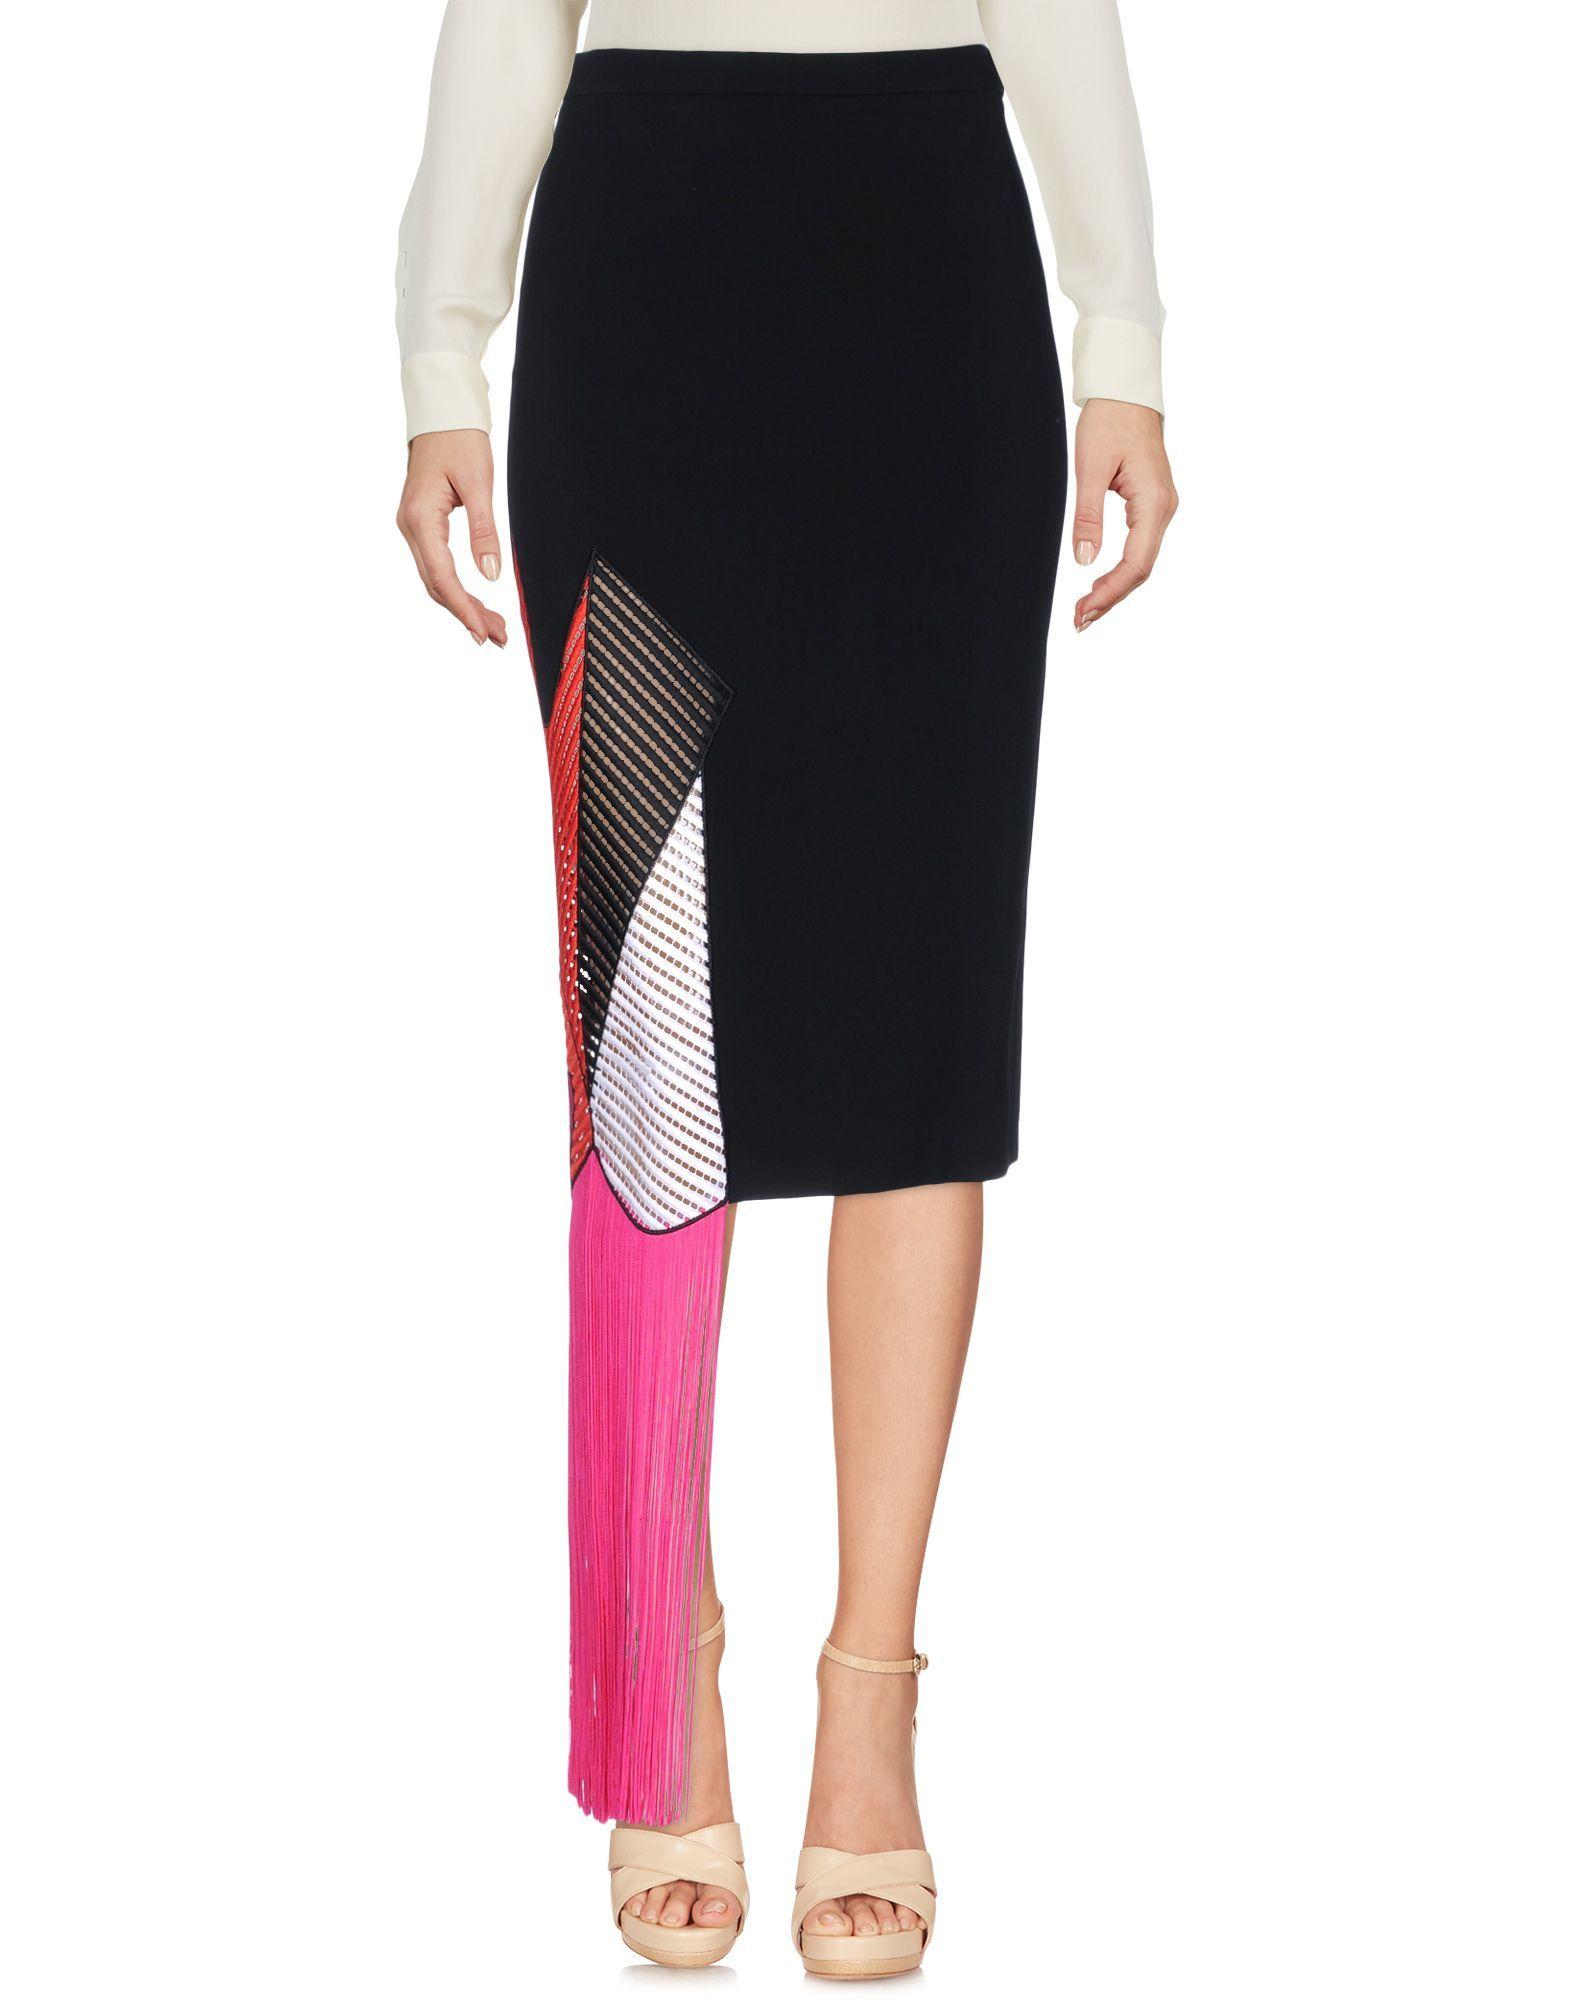 Christopher Kane Black 3/4 Length Skirt